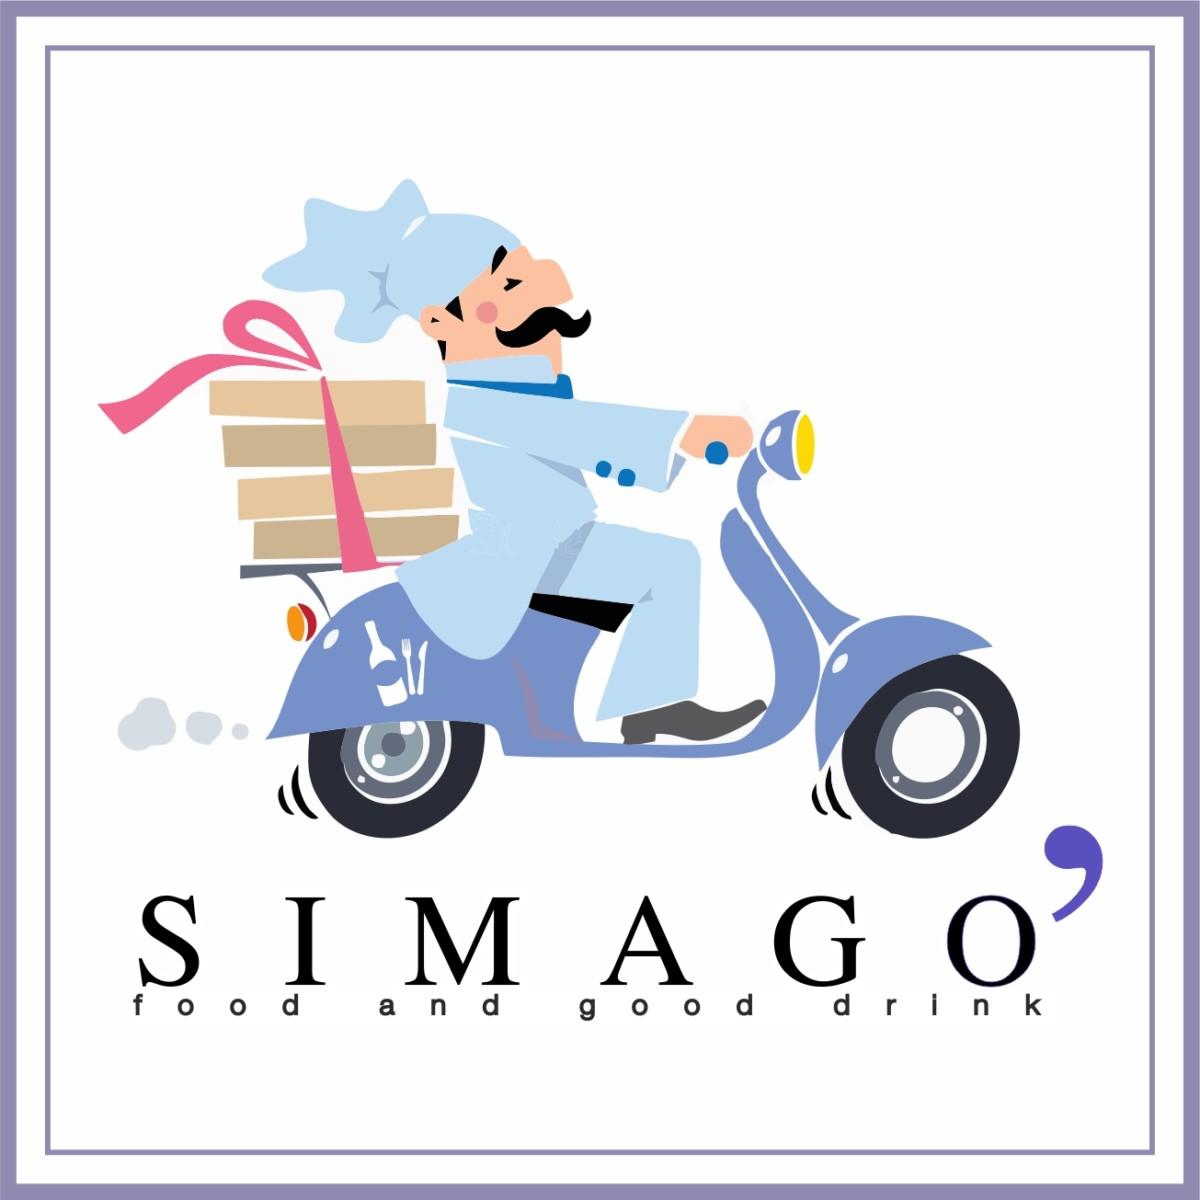 Simago' Take Away